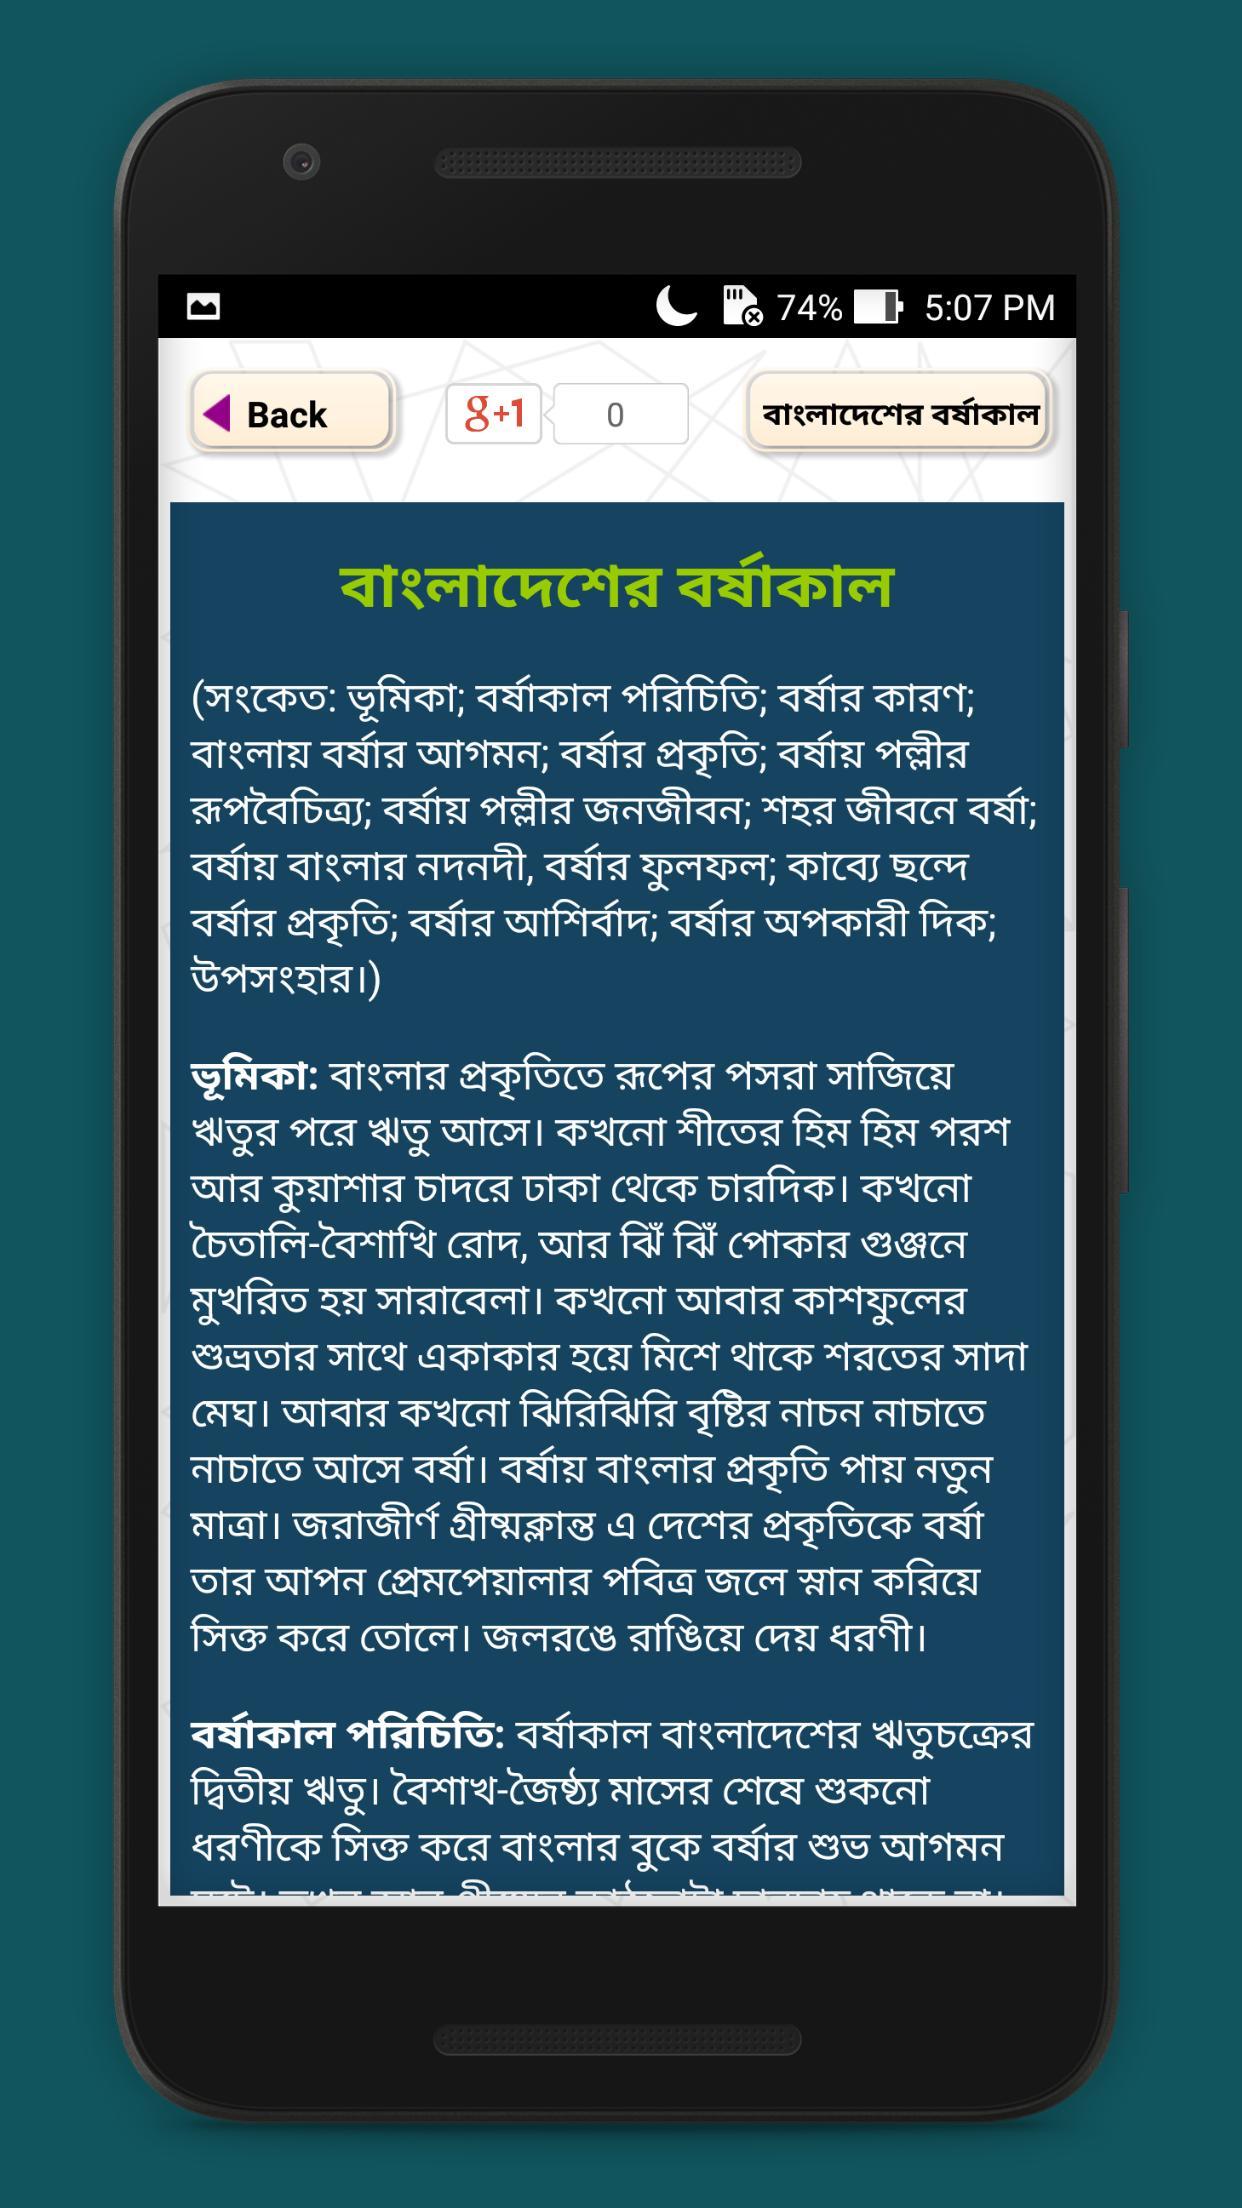 বাংলা রচনা - Bangla Essay - Bangla Rochona Book for Android